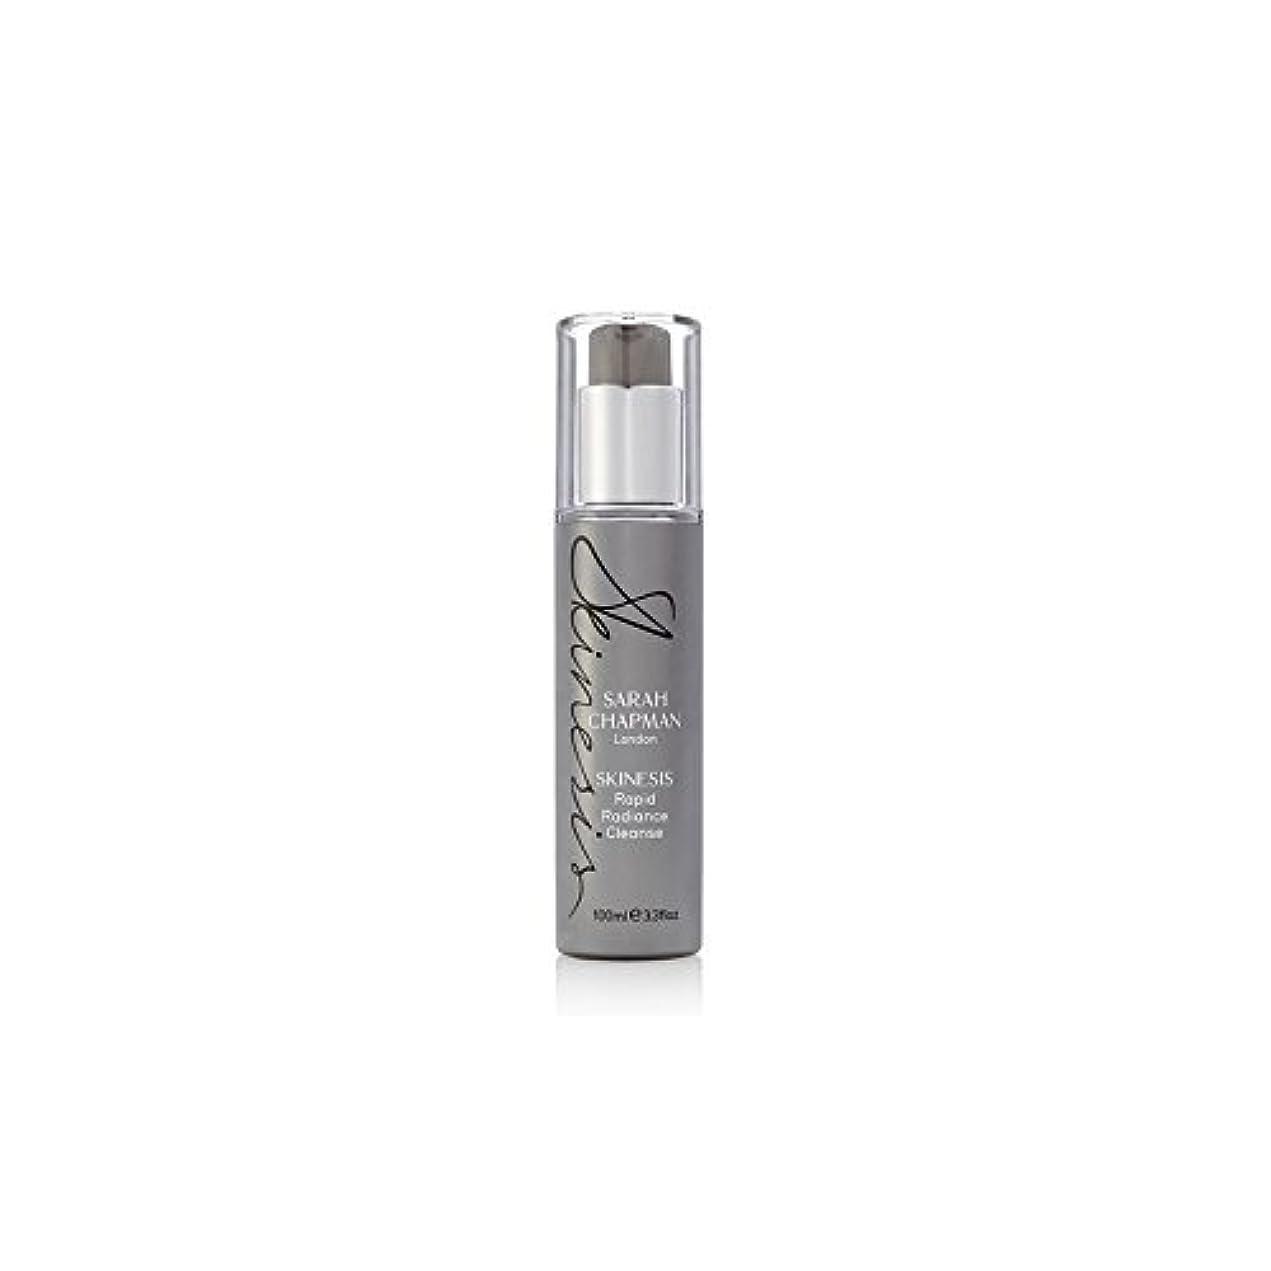 解凍する、雪解け、霜解け代替栄養Sarah Chapman Skinesis Rapid Radiance Cleanse (100ml) (Pack of 6) - サラ?チャップマン迅速な輝きの浄化(100ミリリットル) x6 [並行輸入品]